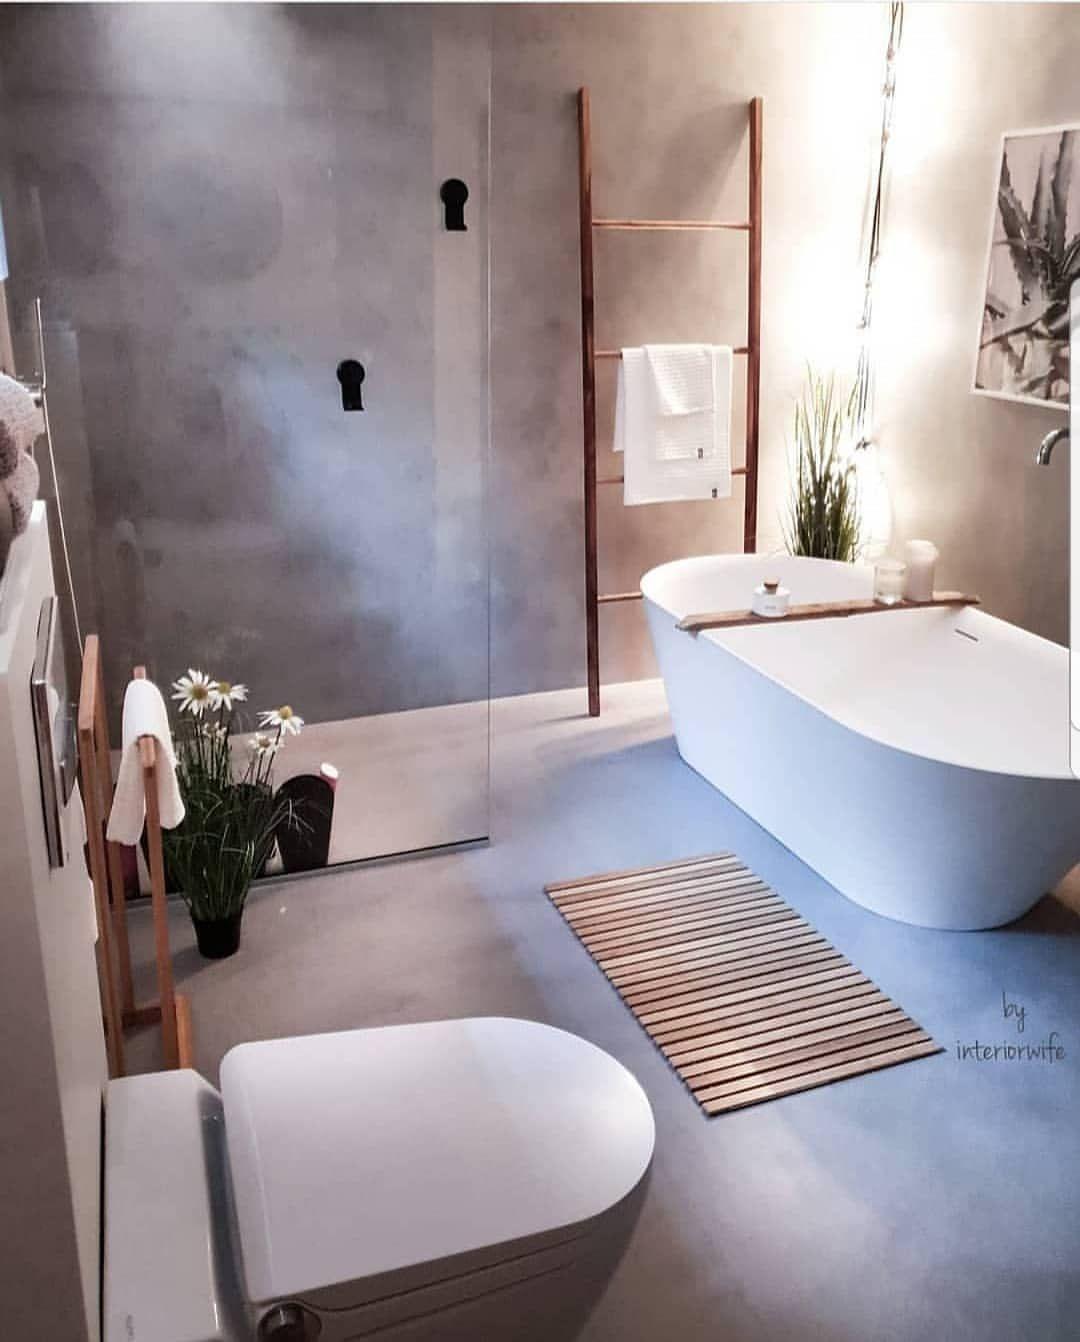 Pin Von Carolin Mahlstedt Auf Ideen Rund Ums Haus Wohnung Badezimmer Innenausstattung Luxus Badezimmer Wohnung Badezimmer